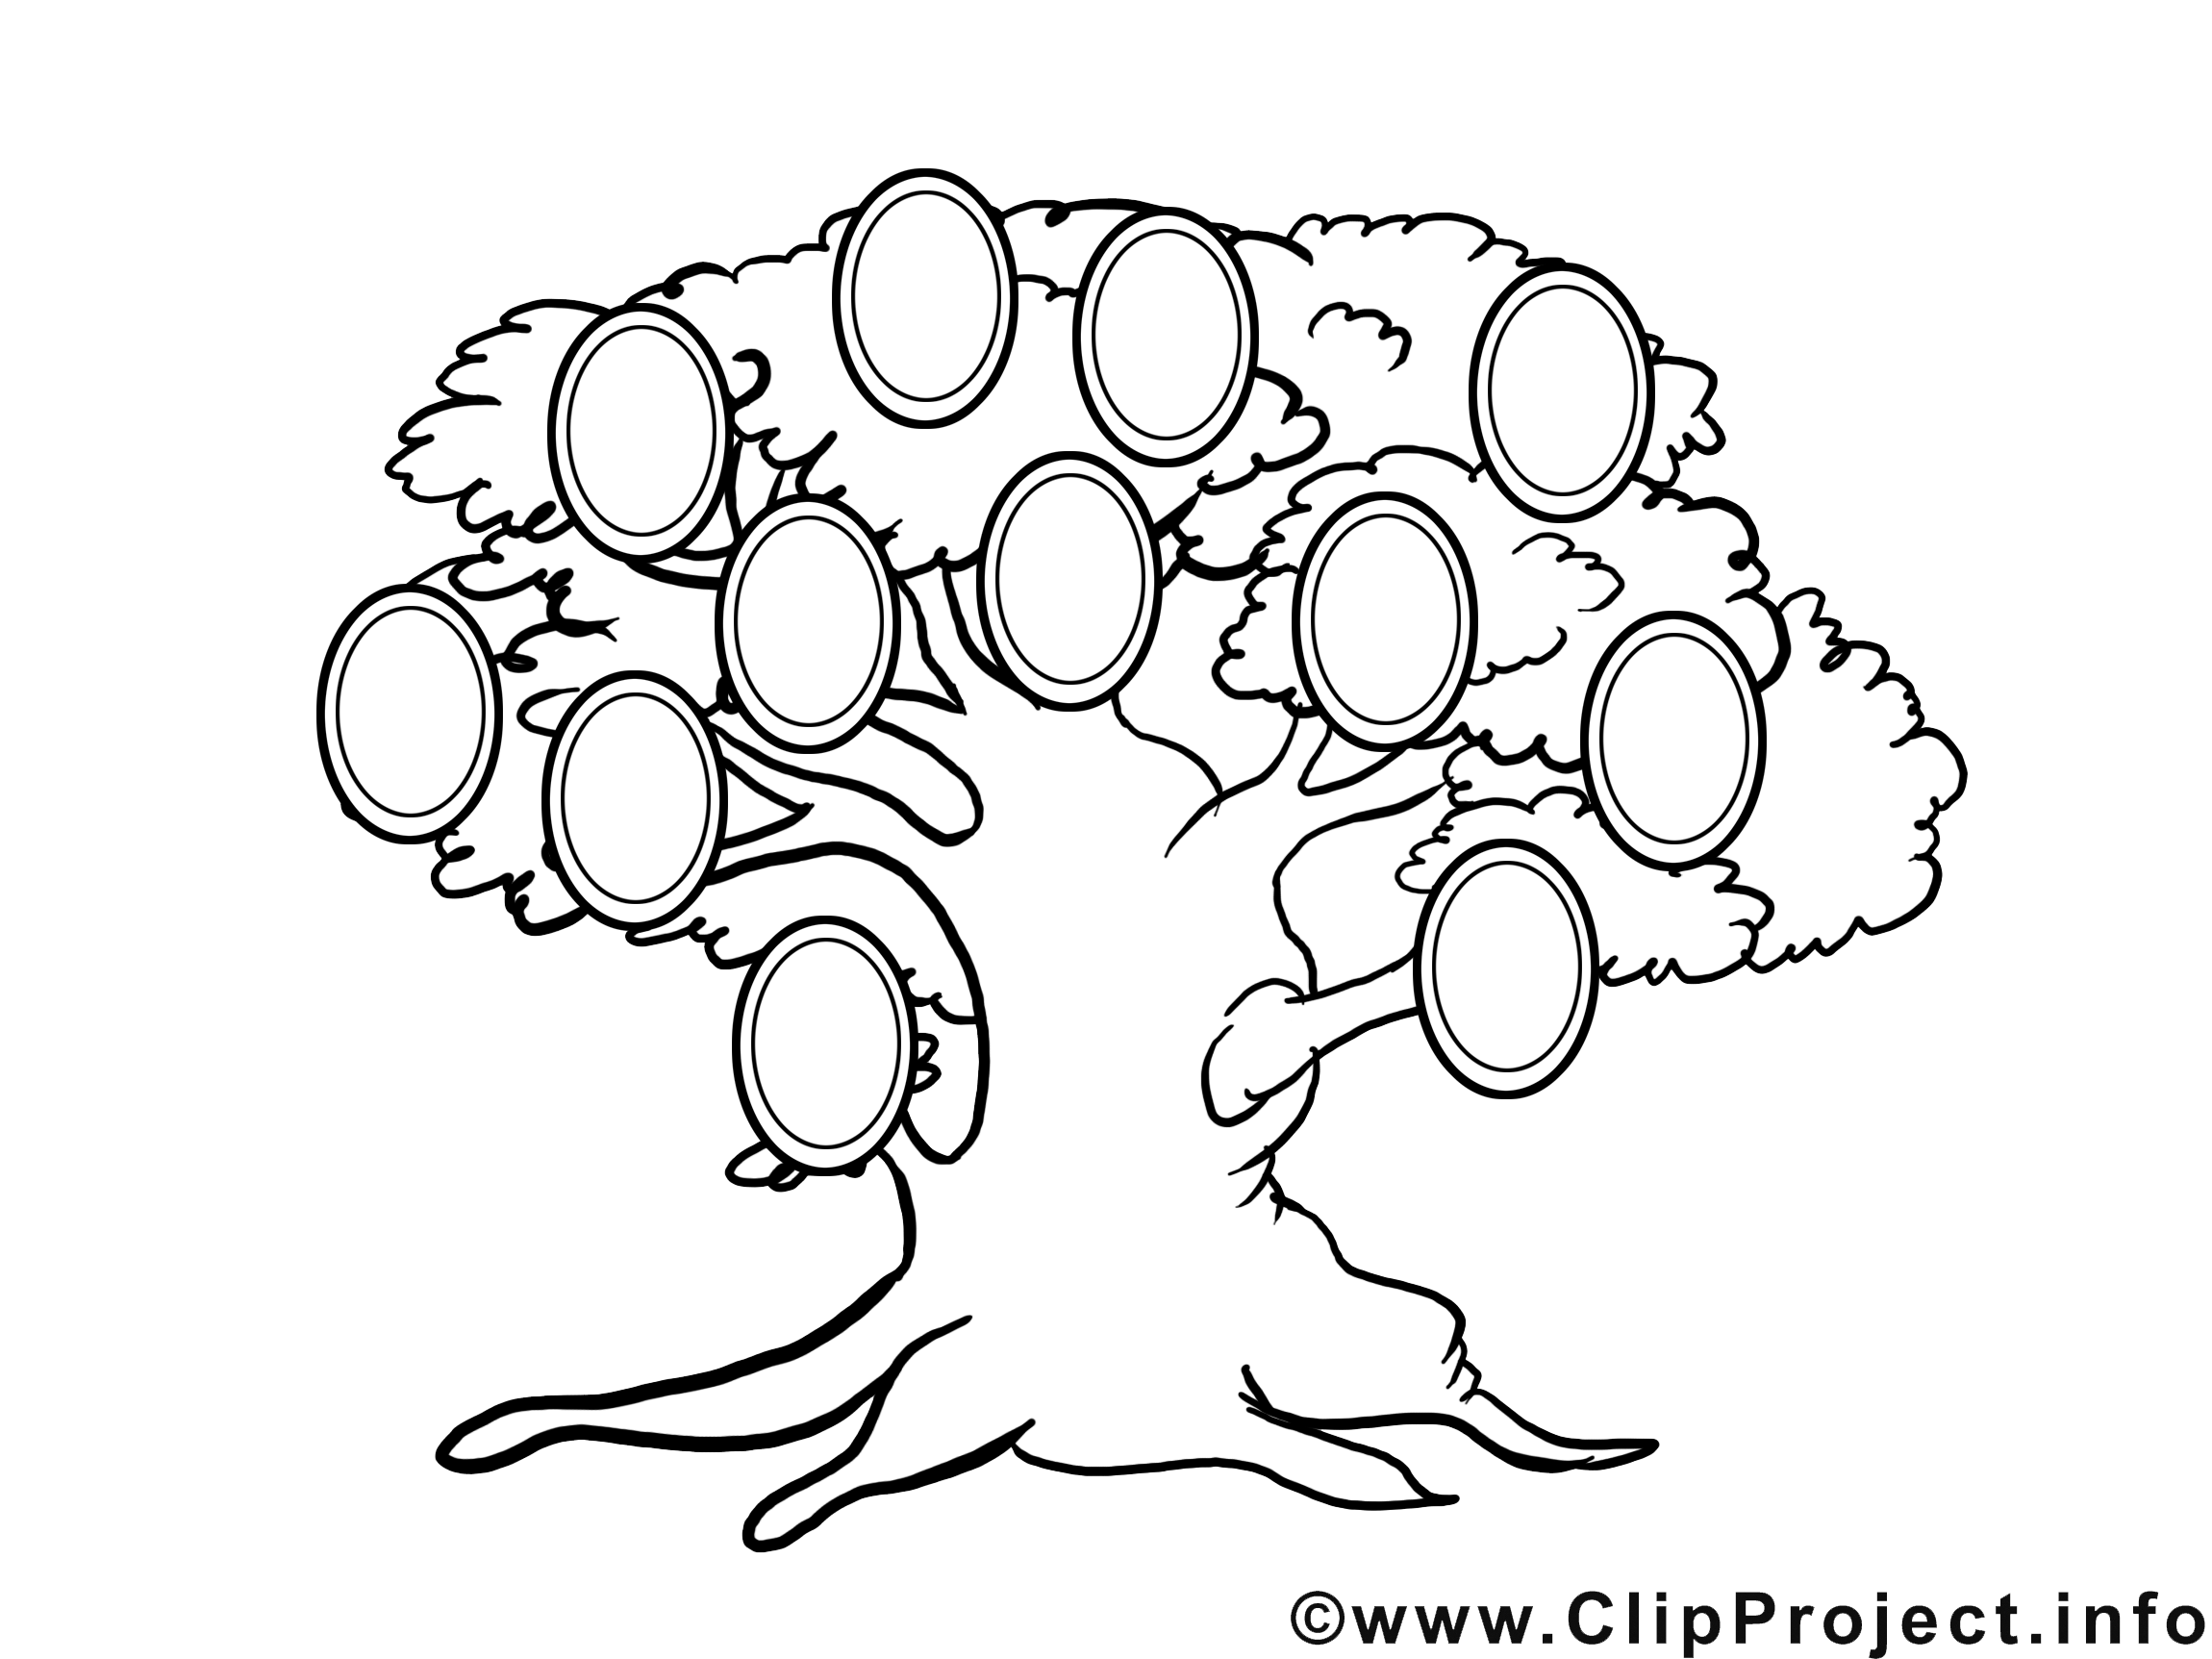 Illustration gratuite arbre généalogique clipart